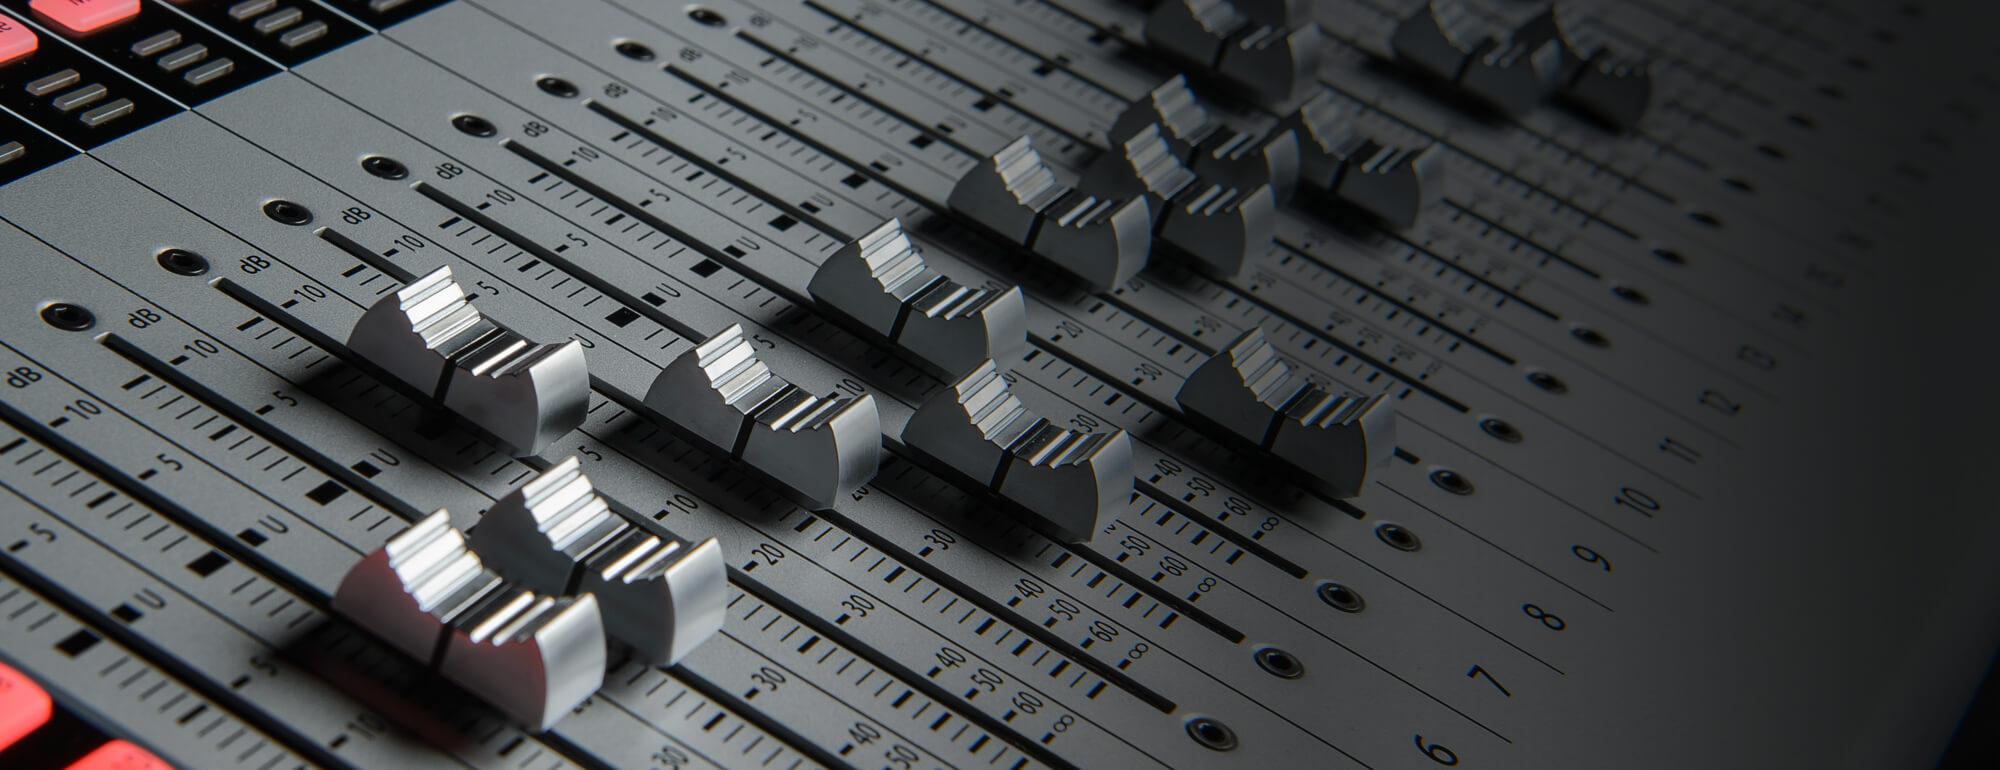 https://pae-web.presonusmusic.com/uploads/products/media/images/studiolive_32-06.jpg